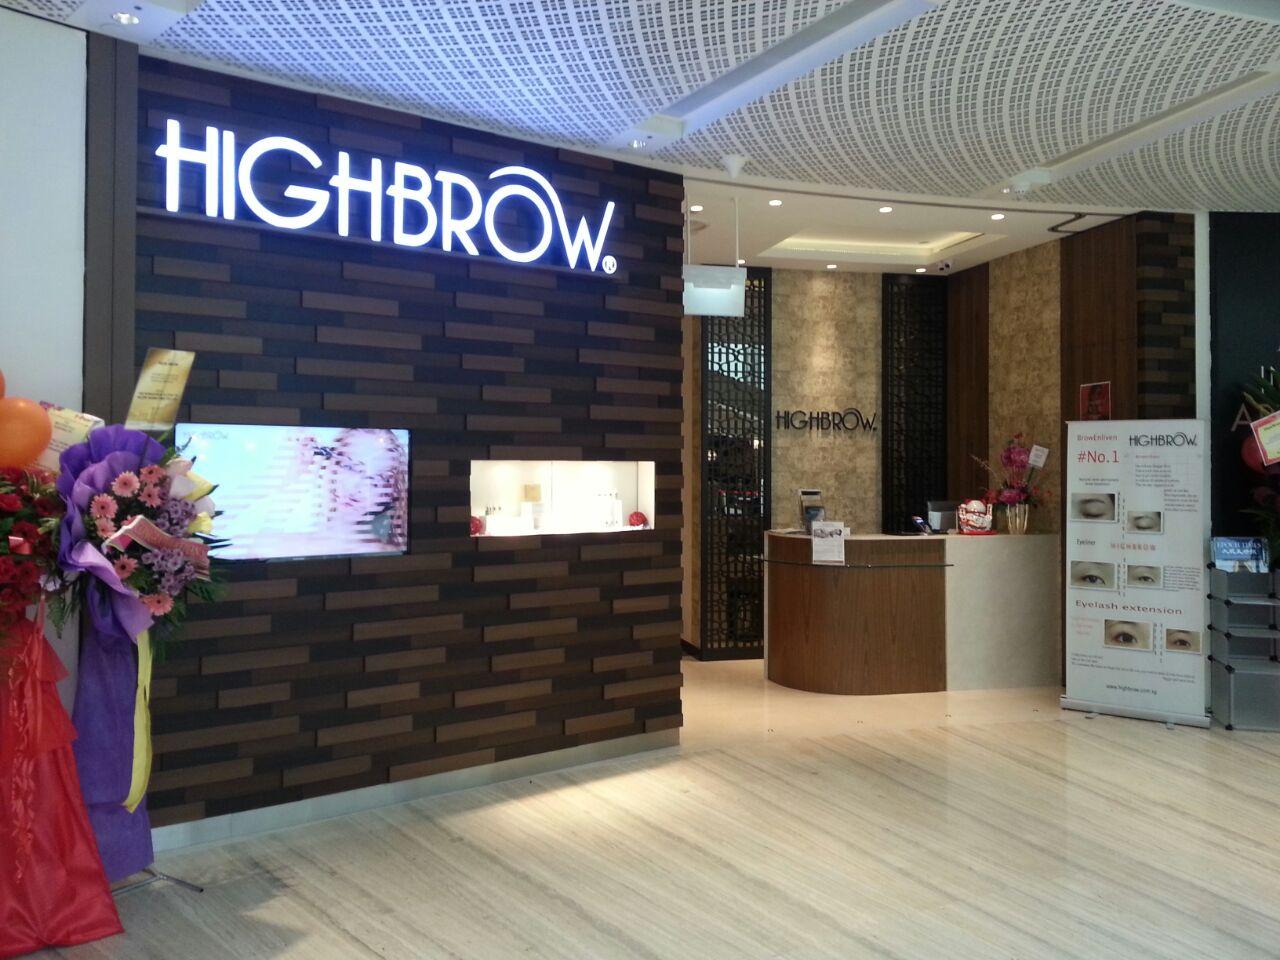 1 - Highbrow 3